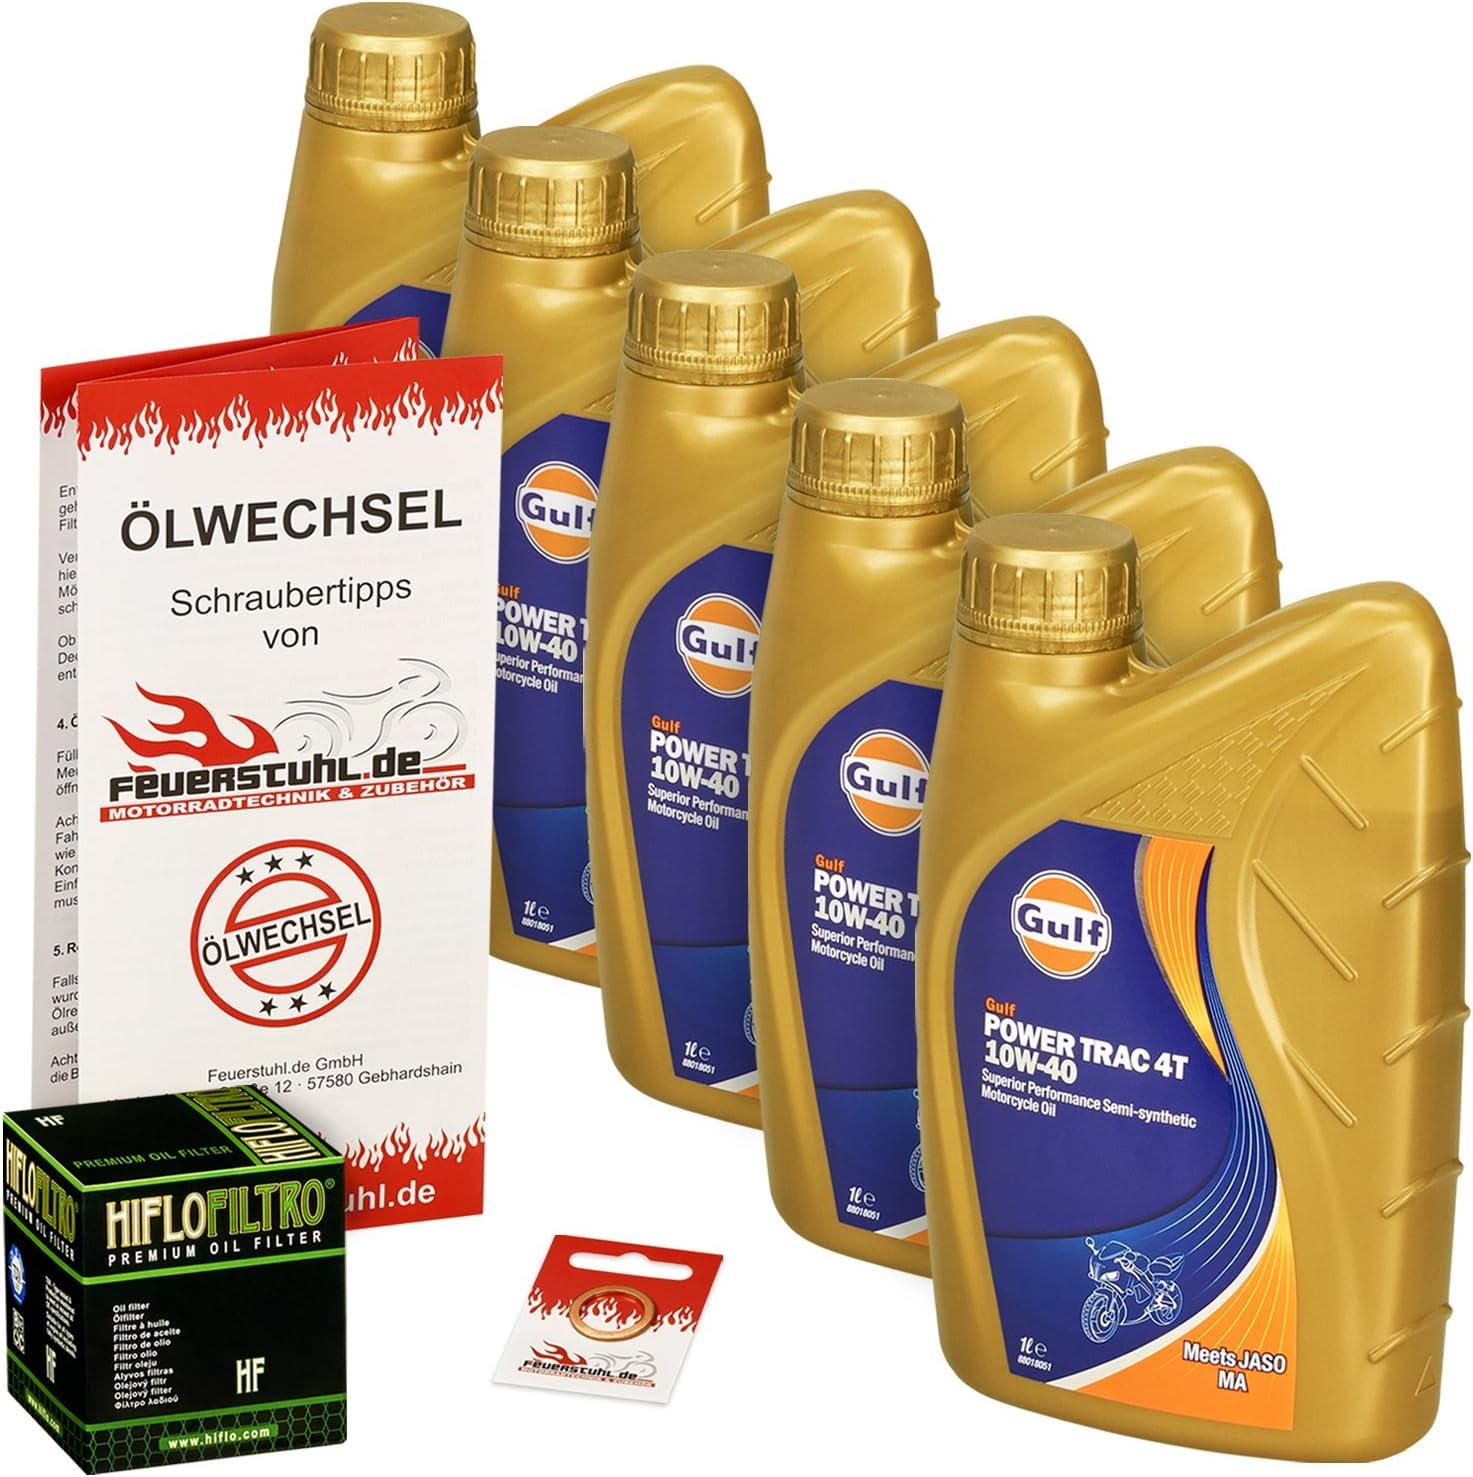 Gulf 10w 40 Öl Hiflo Ölfilter Für Suzuki Vs 1400 Intruder 87 03 Vx51l Ölwechselset Inkl Motoröl Filter Dichtring Auto